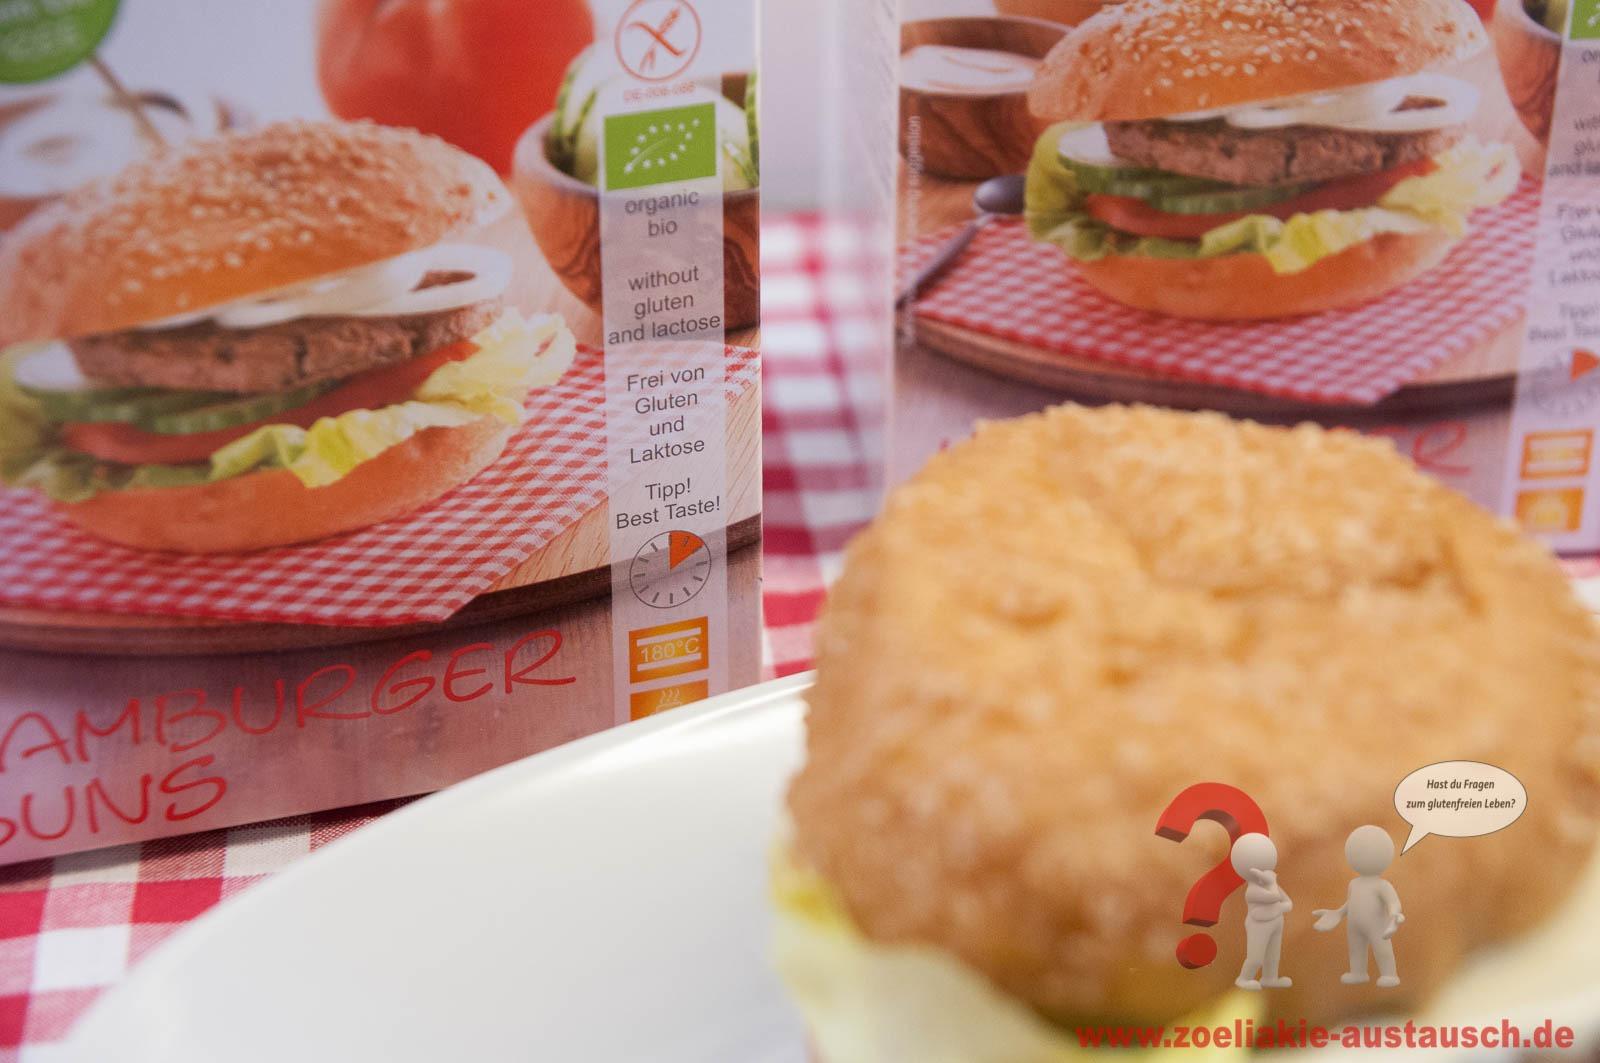 Zoeliakie-Austausch_Schnitzer_Burger_Broetchen_20